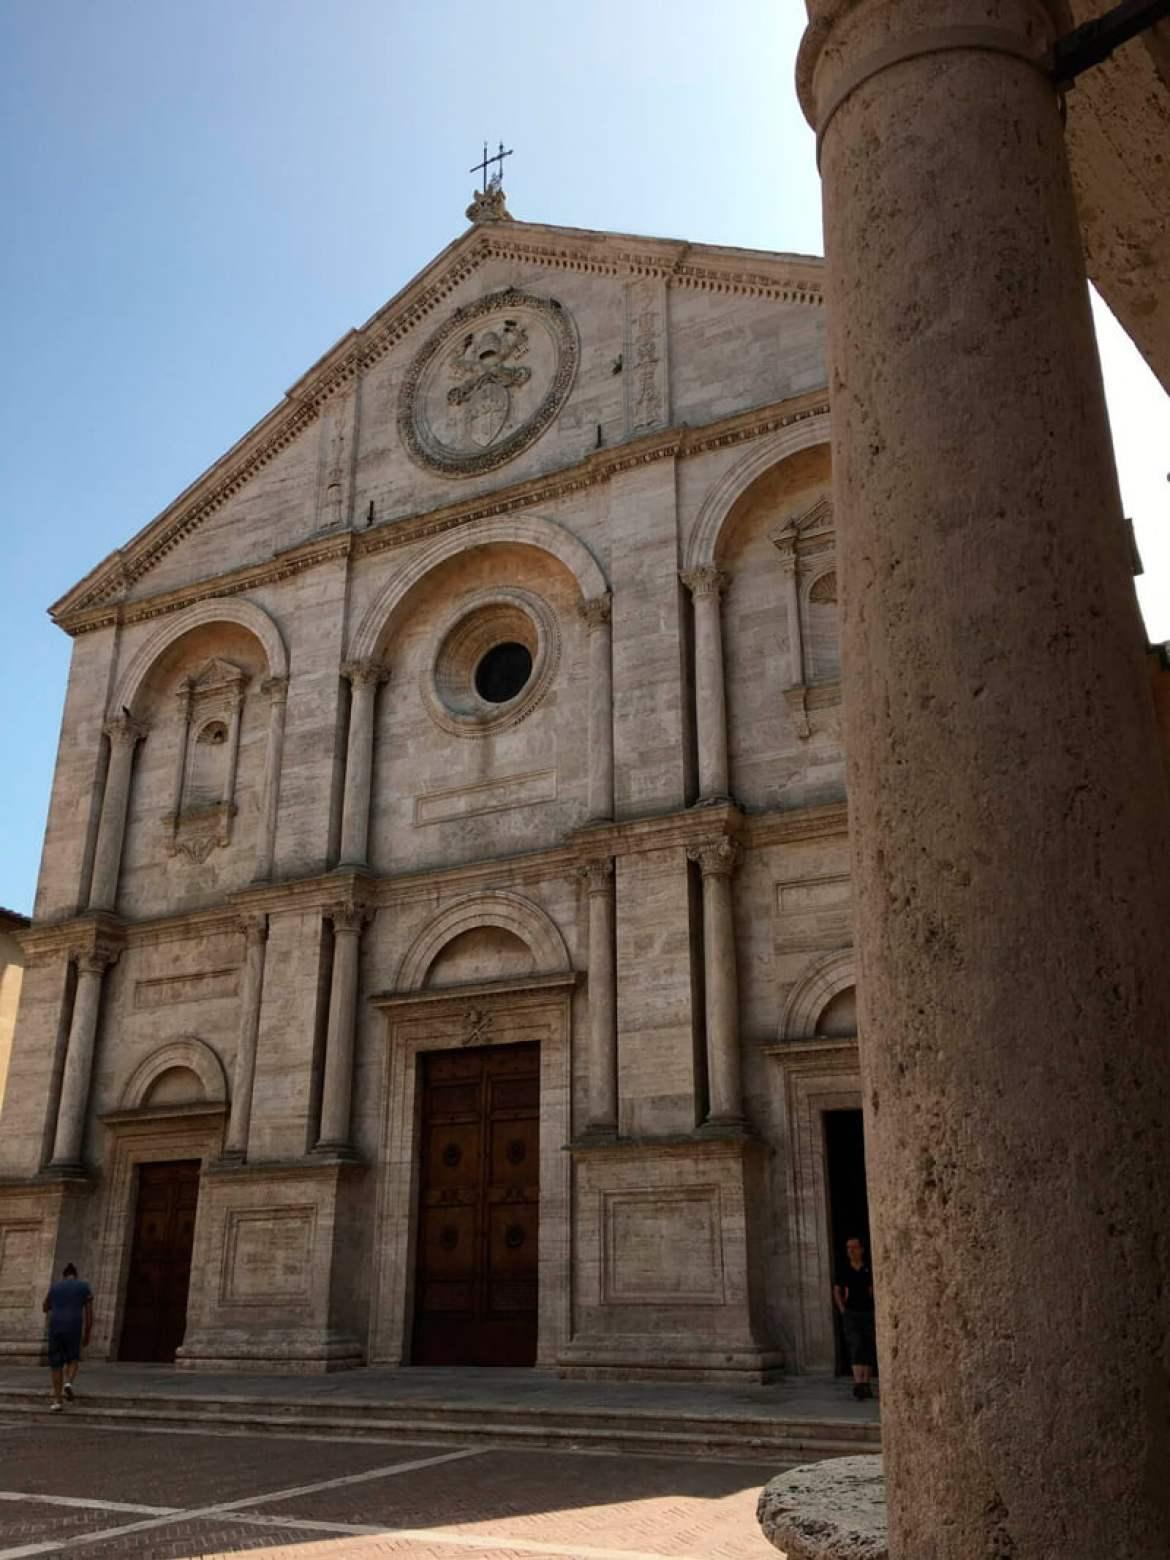 IMG_0362-e1506364125424-225x300 En la carretera por Italia 2: Vinos y montes. Chianti, Montepulciano y Pienza